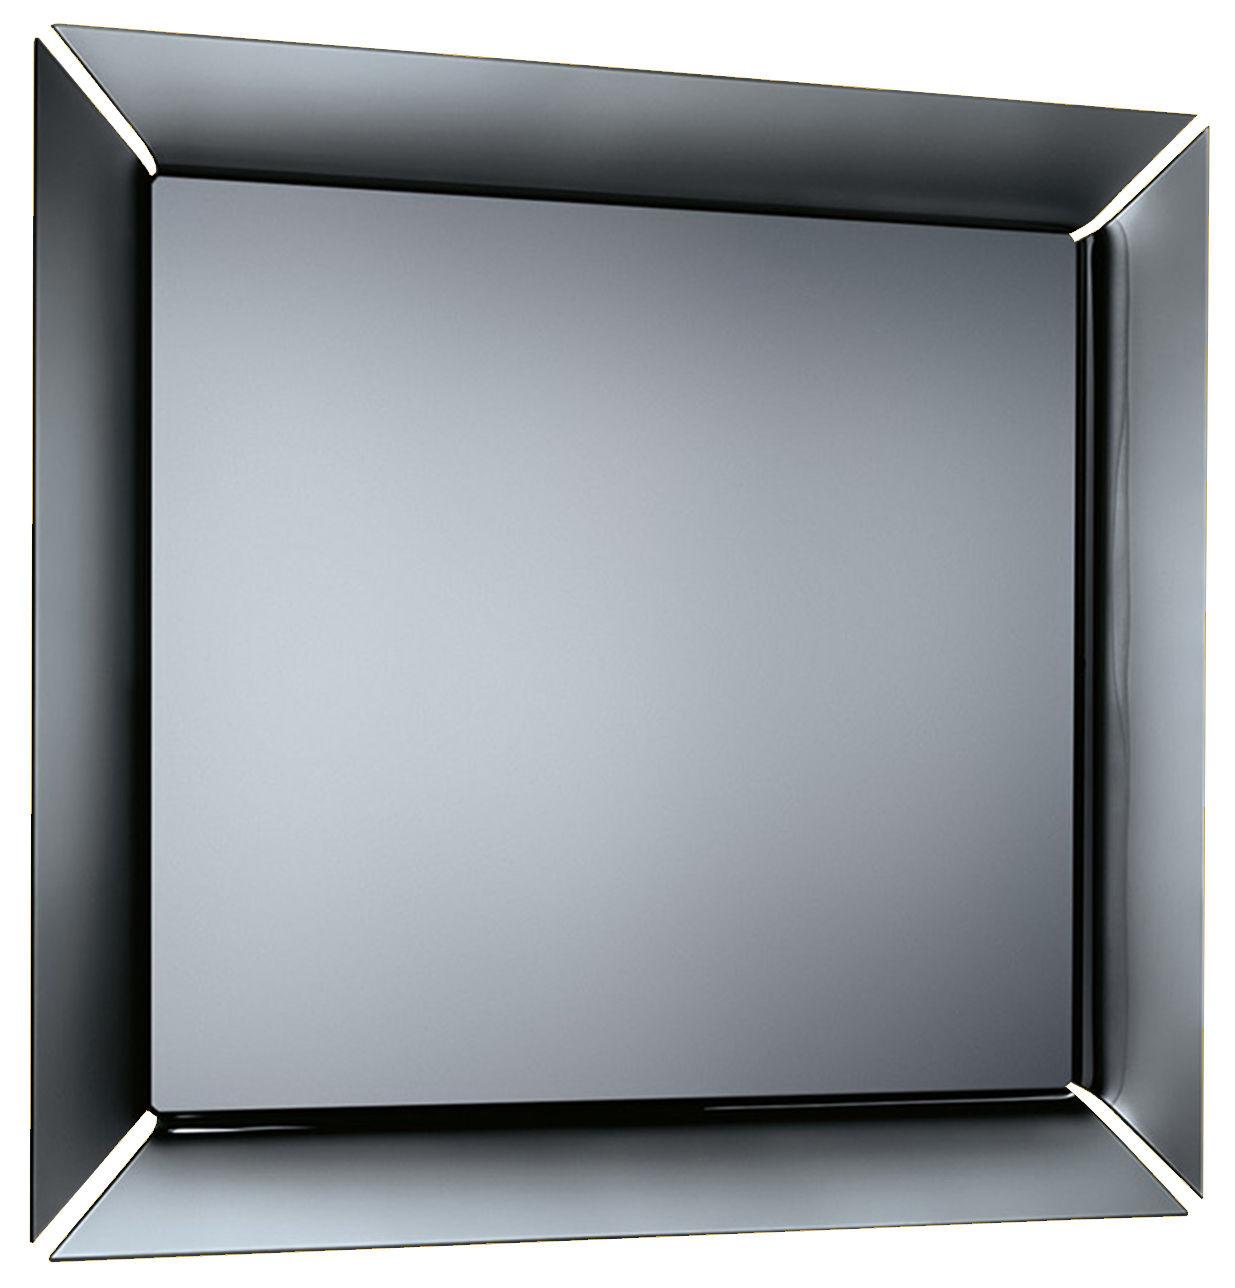 miroir caadre tv t l viseur ecran lcd 42 pouces sony int gr 155 x 140 cm cadre titane. Black Bedroom Furniture Sets. Home Design Ideas